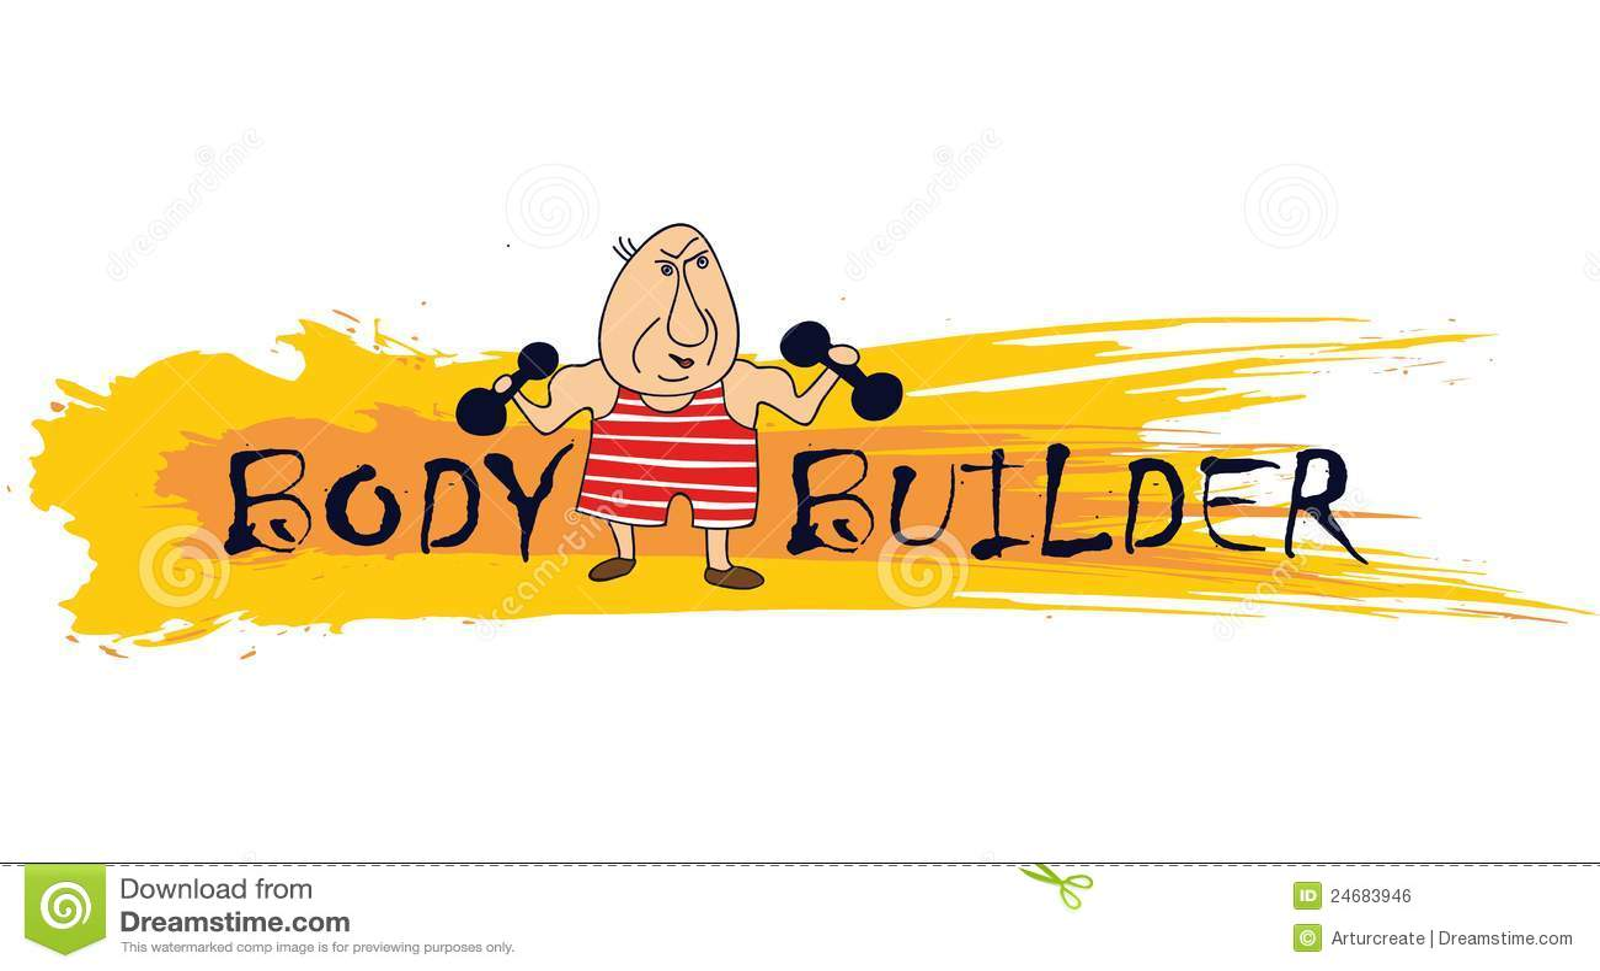 Cartoon bodybuilder stock vector. Image of health, fitness